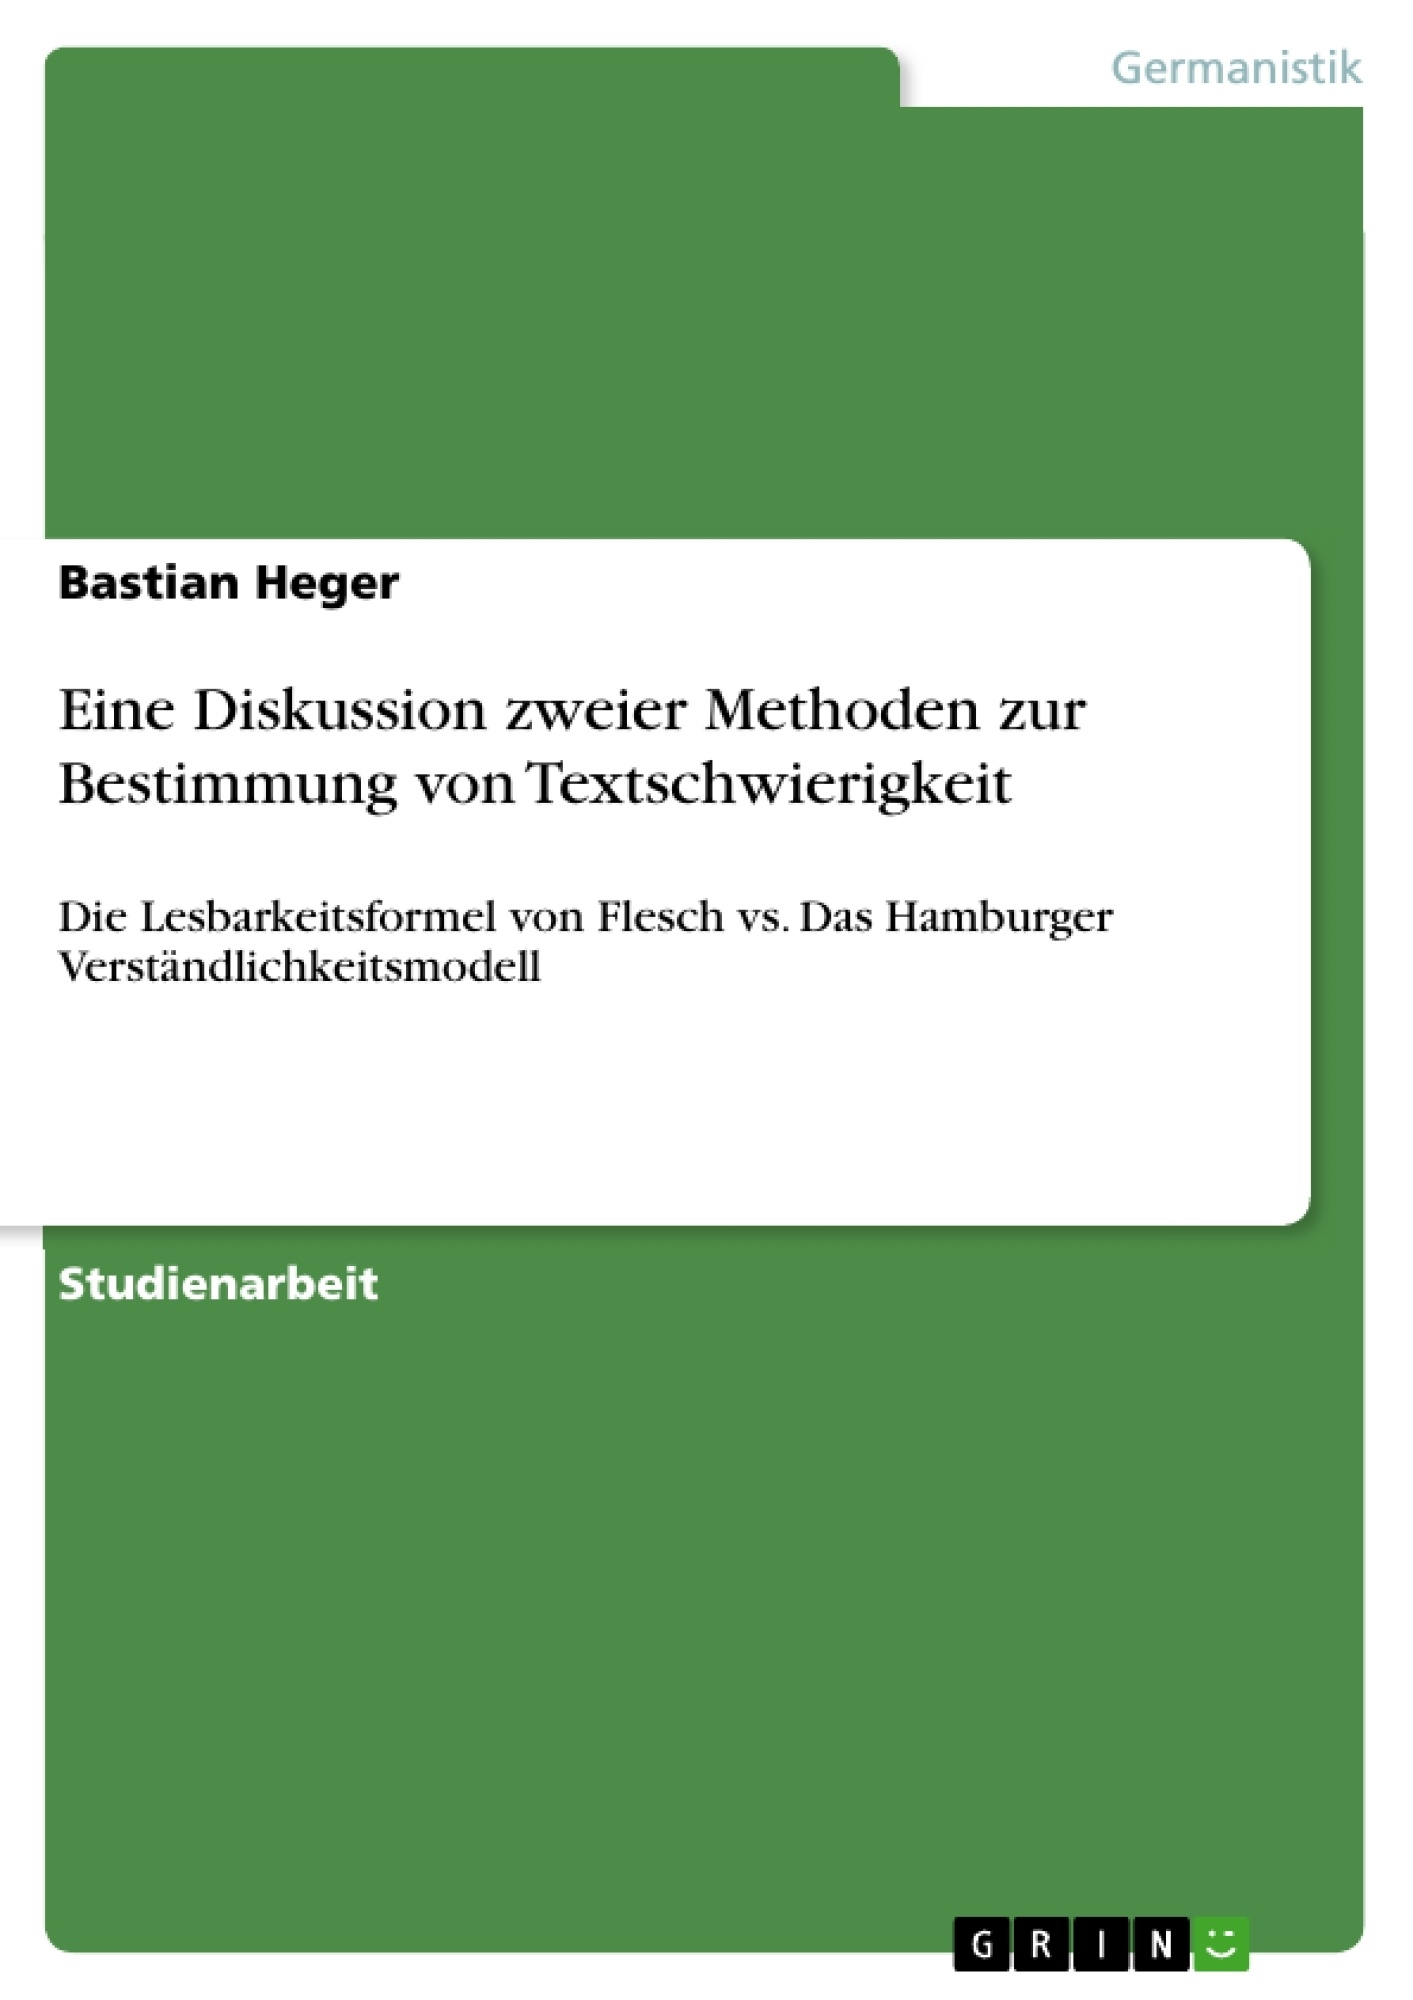 Titel: Eine Diskussion zweier Methoden zur Bestimmung von Textschwierigkeit